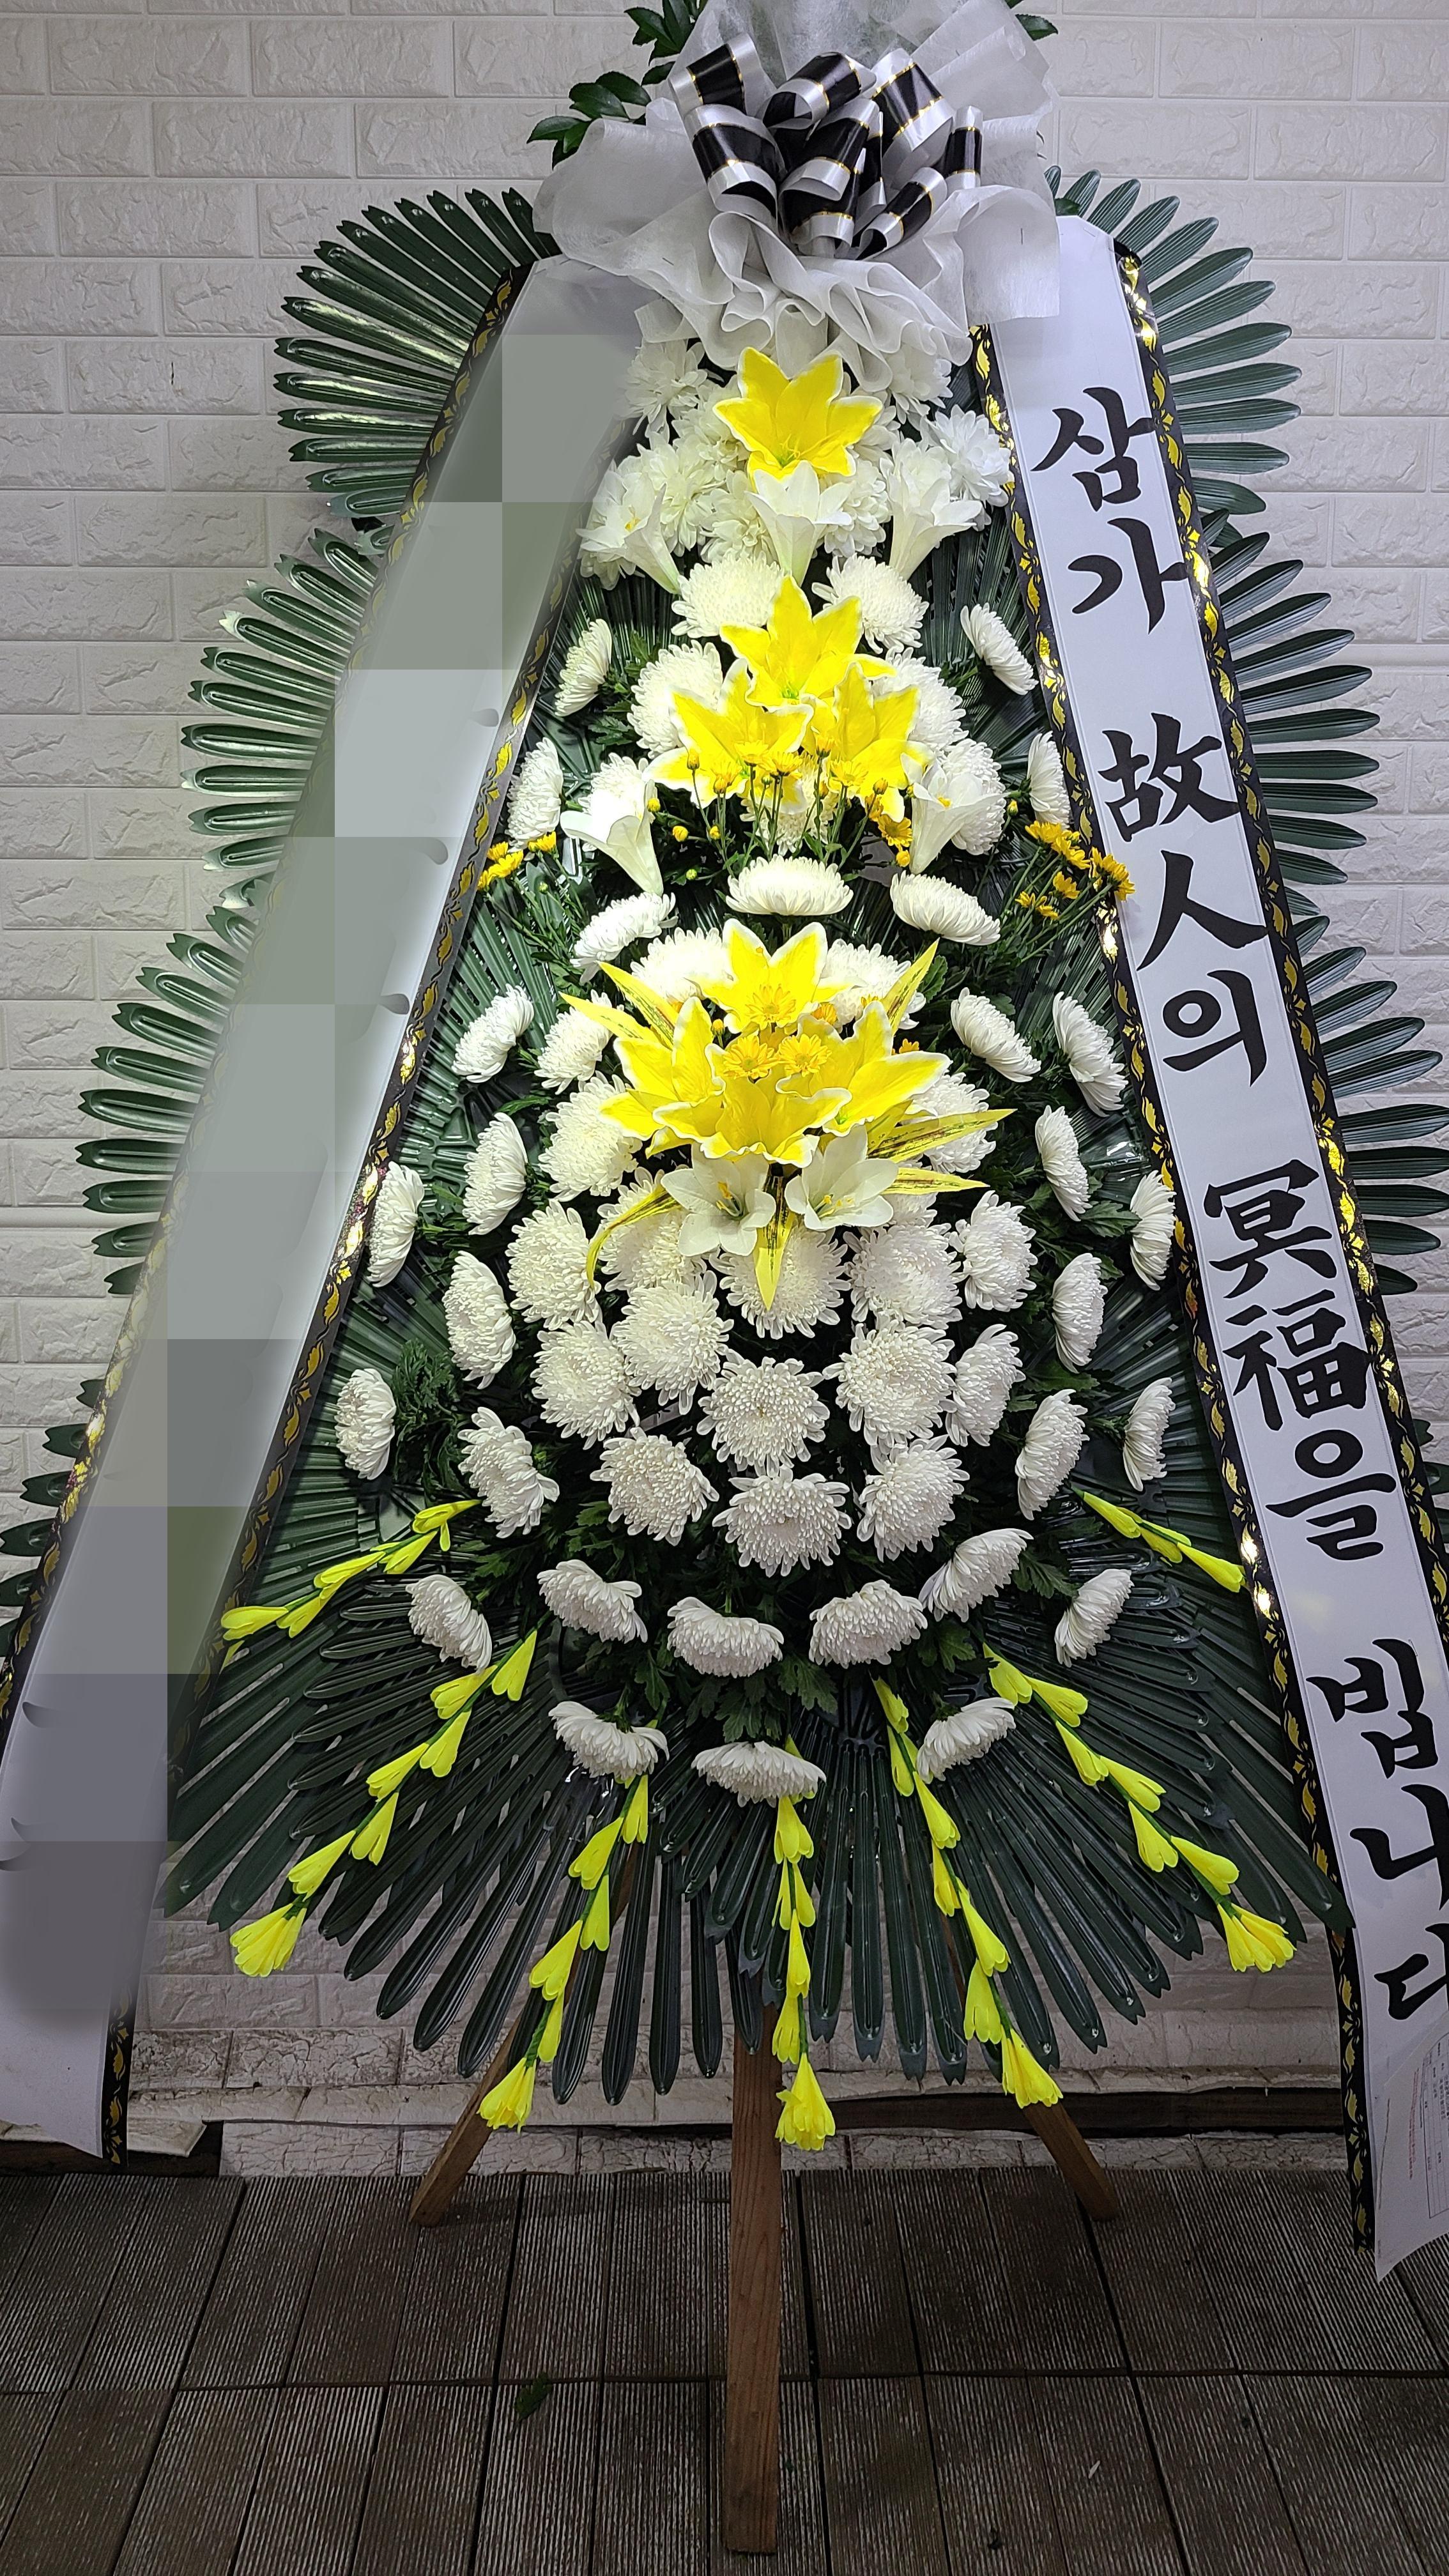 주문자 최00 인천으로 배송된 상품사진입니다